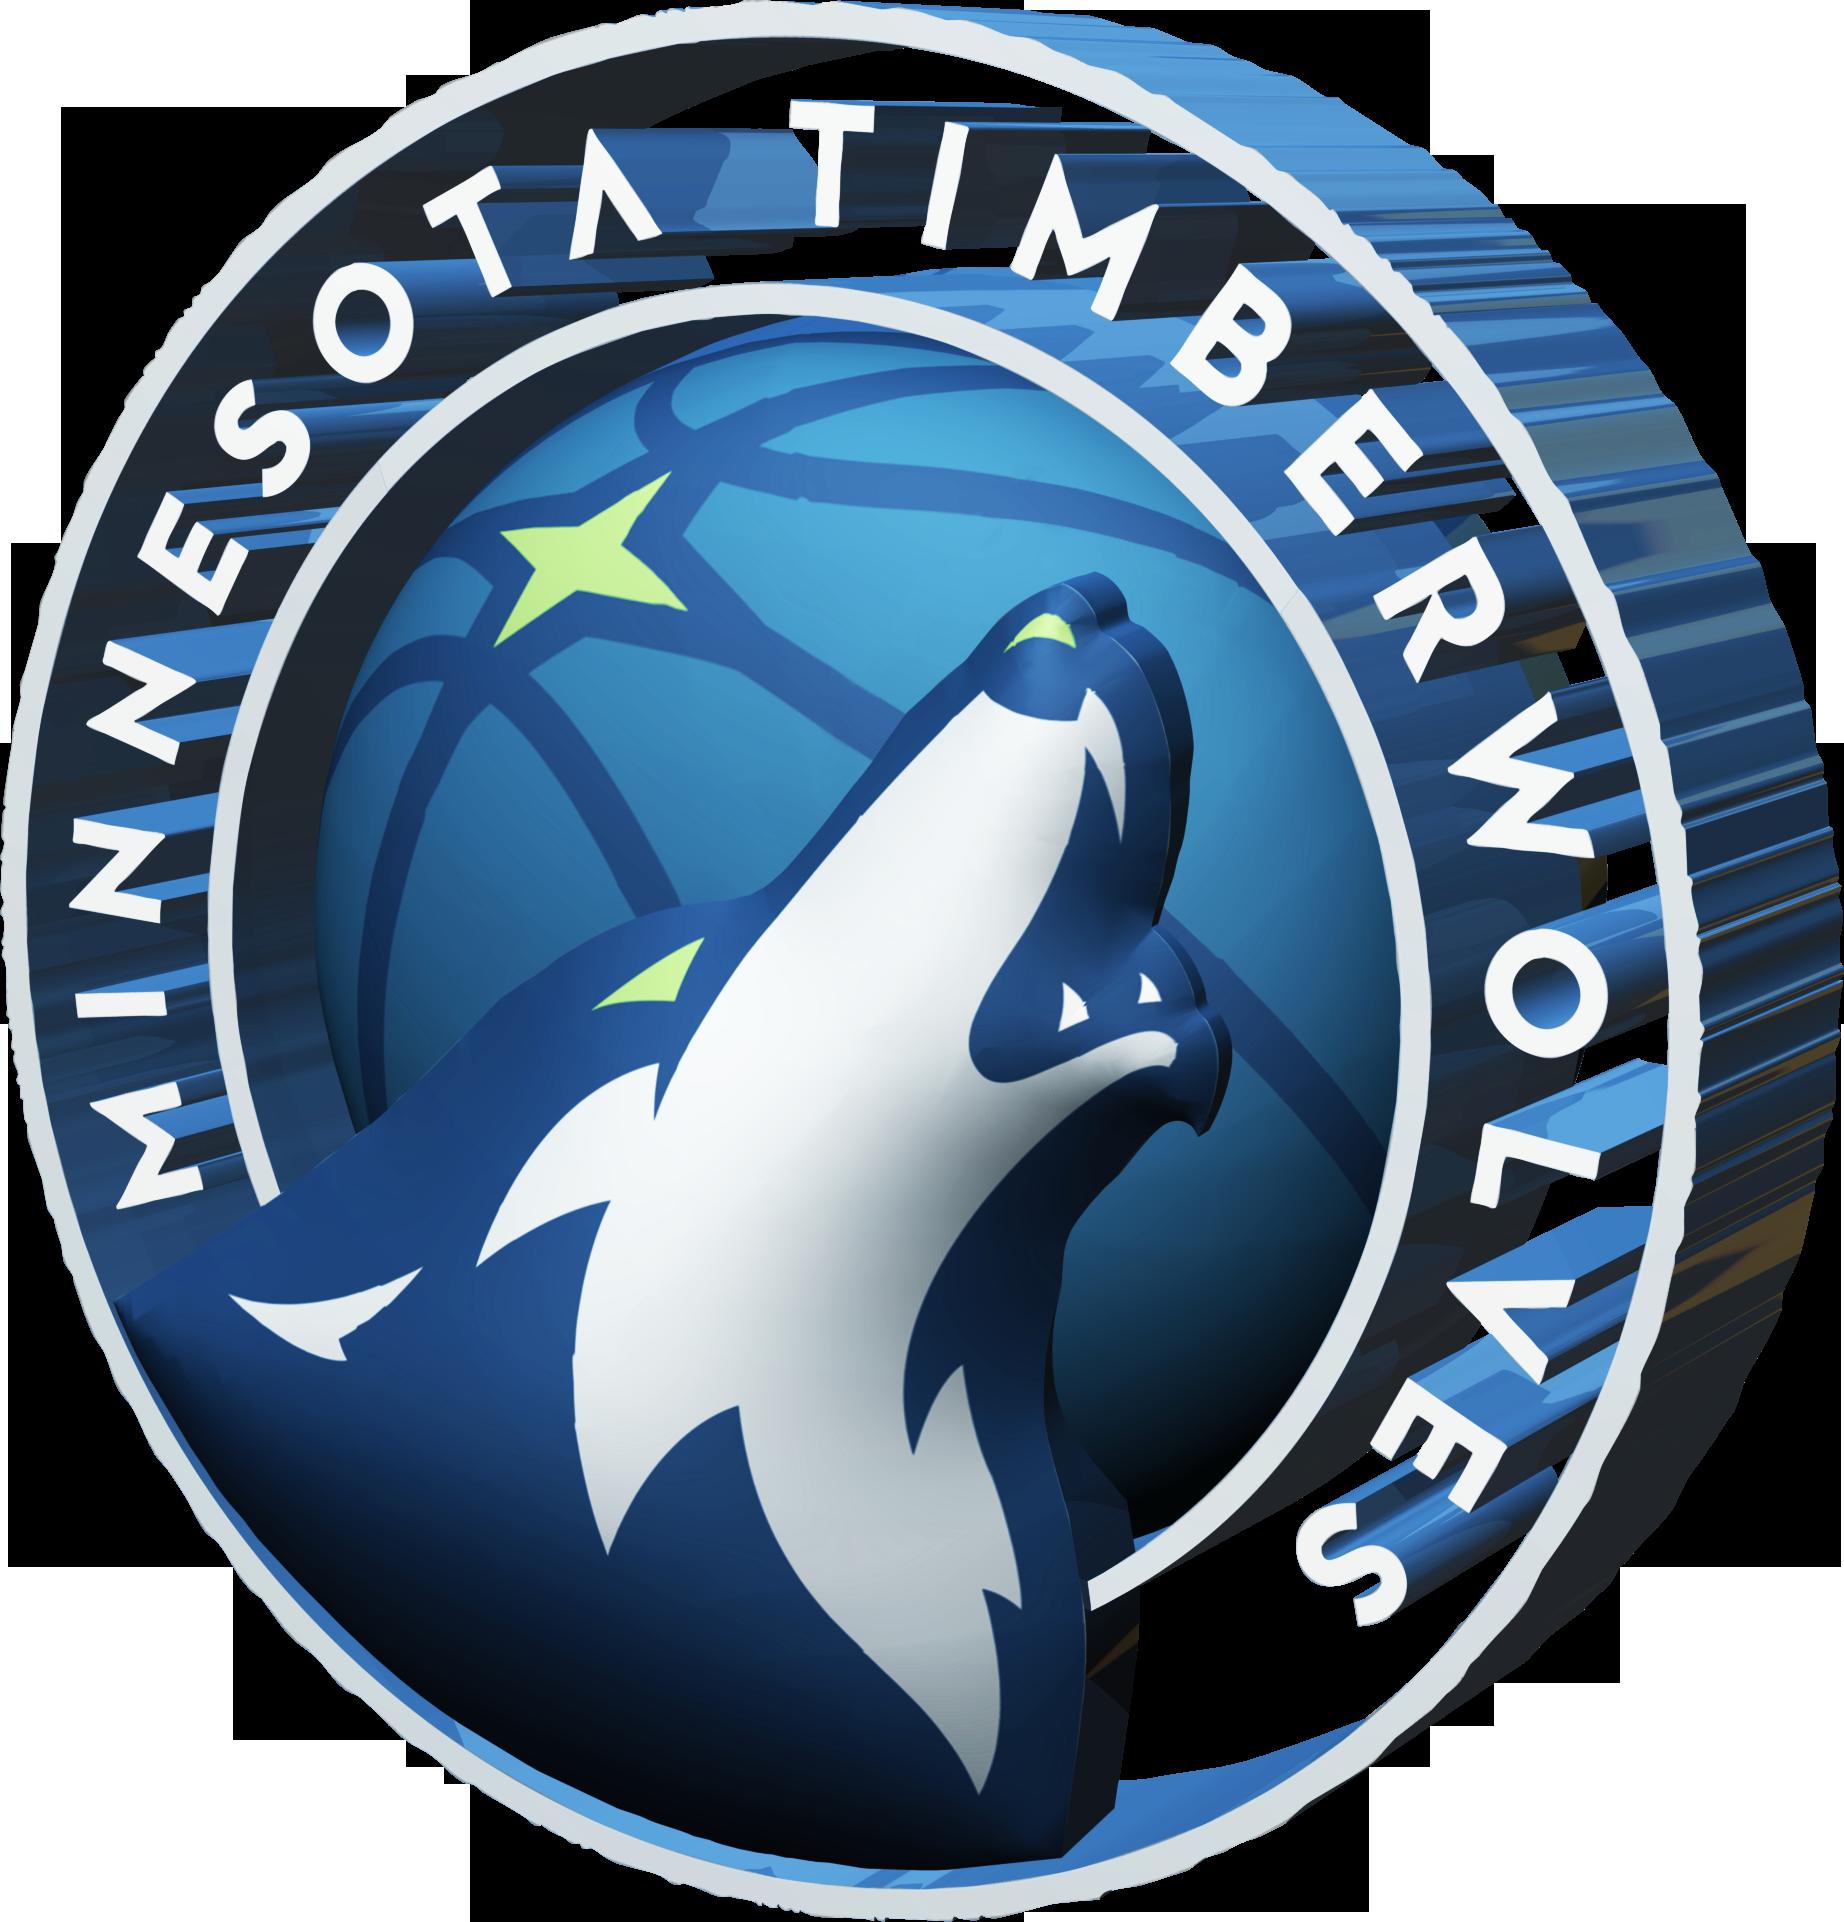 Minnesota Timberwolves 2017-2018 3D Logo - Minnesota Timberwolves PNG